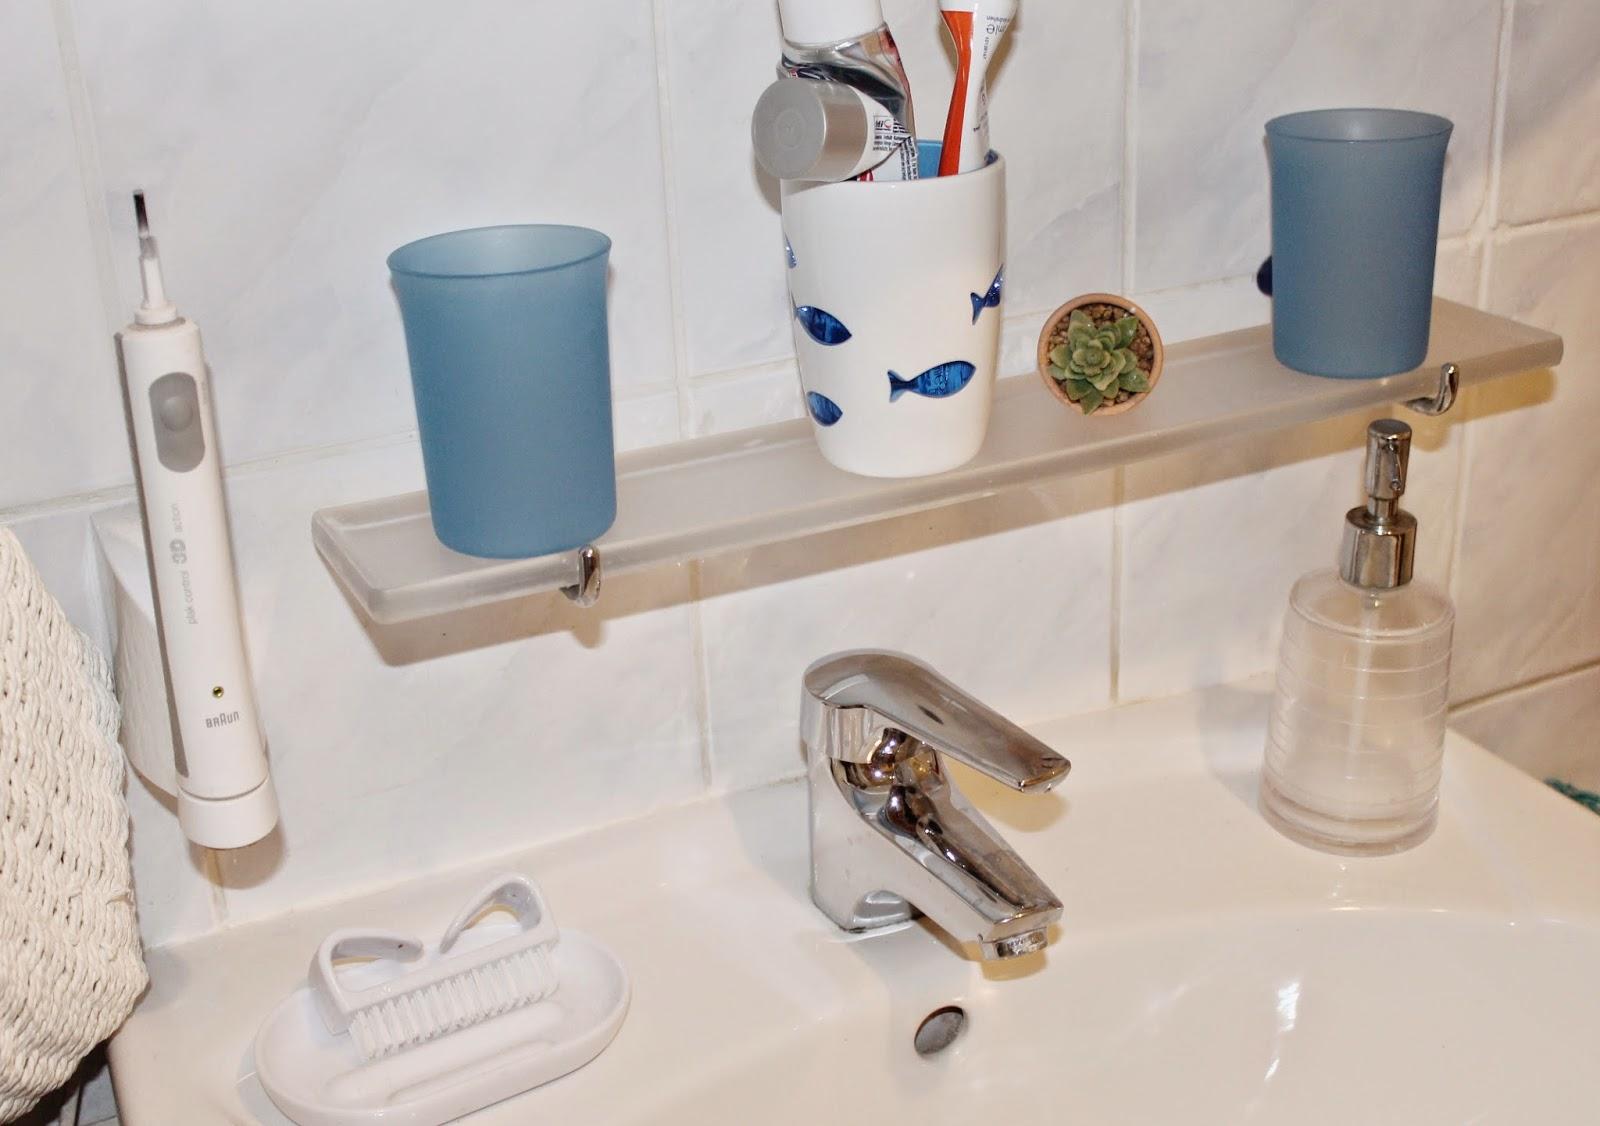 Schön Badezimmer Ablage U2013 Moonjet, Badezimmer Ideen